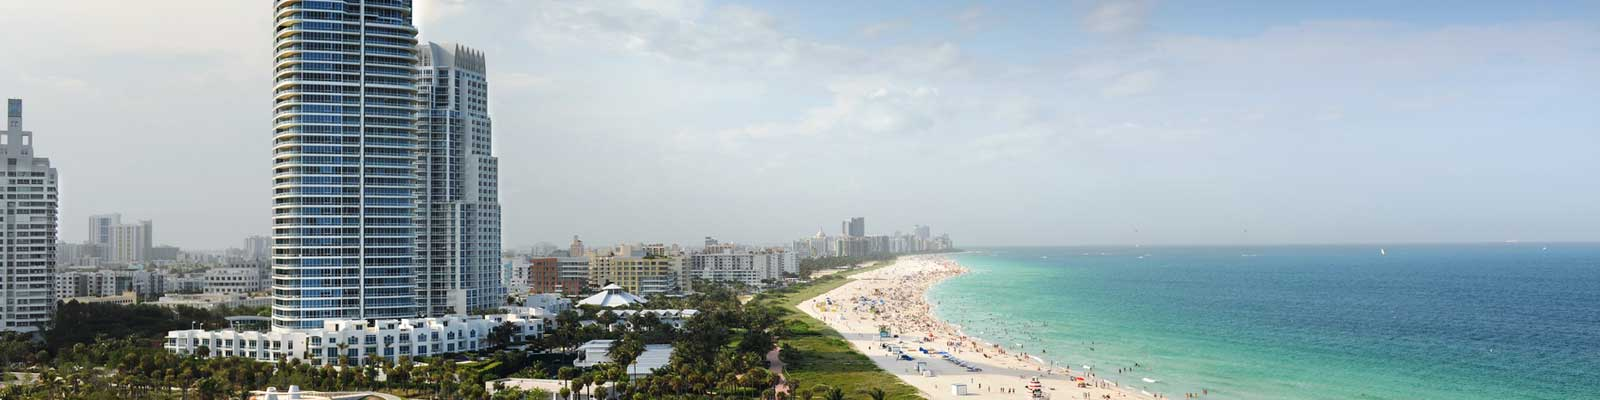 USA Privatimmobilien - Eigentumswohnung, Grundstück, Hotel